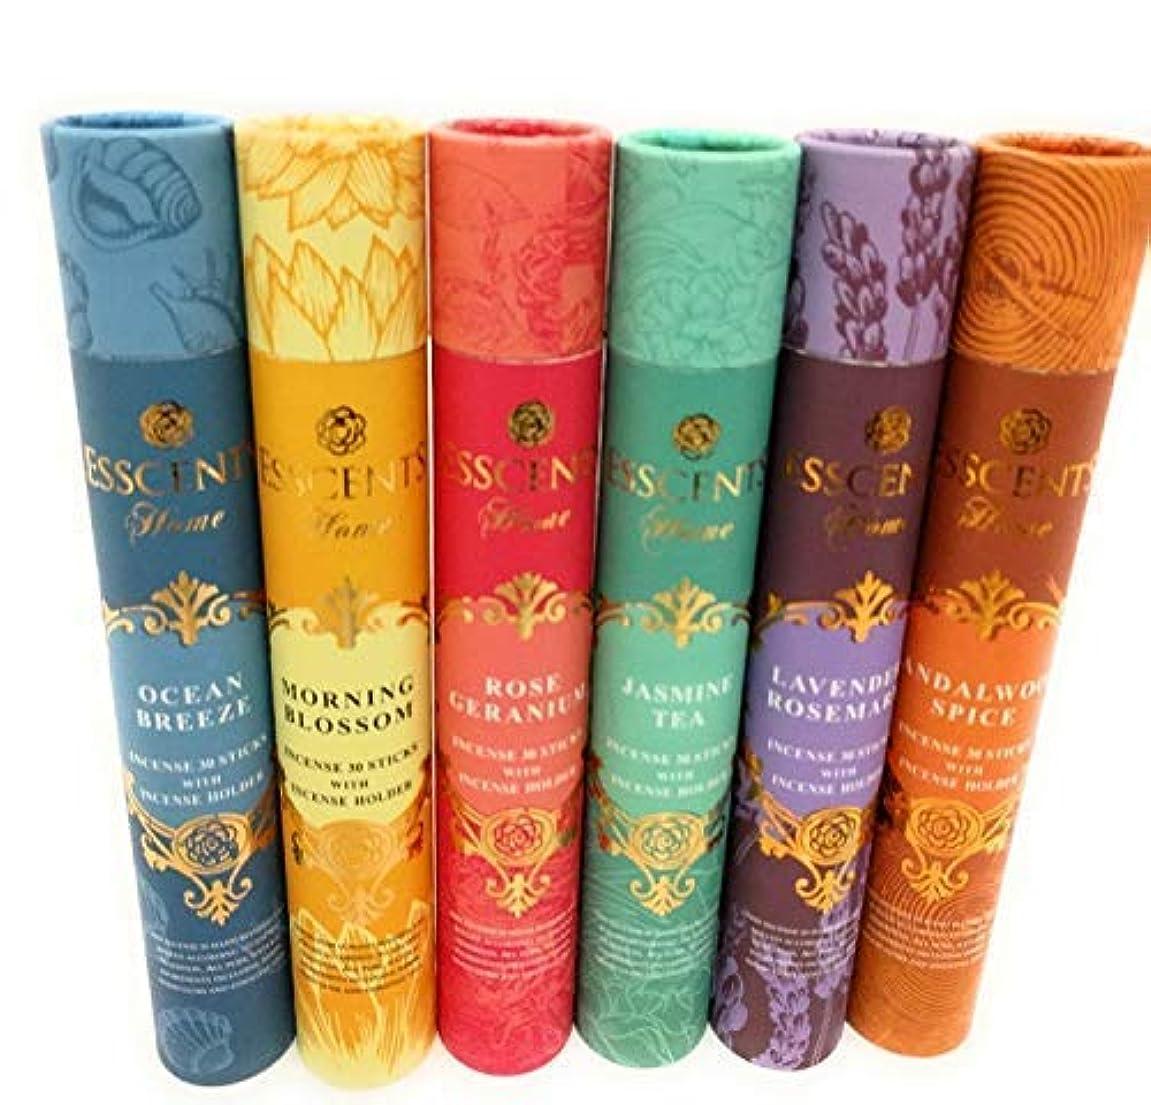 解釈コンプリート追い出すEssence incense gift pack 180 sticks with incense holder 6 flavours, Ocean,Morning Blosom,Jasmine tea,Rose Geranium...